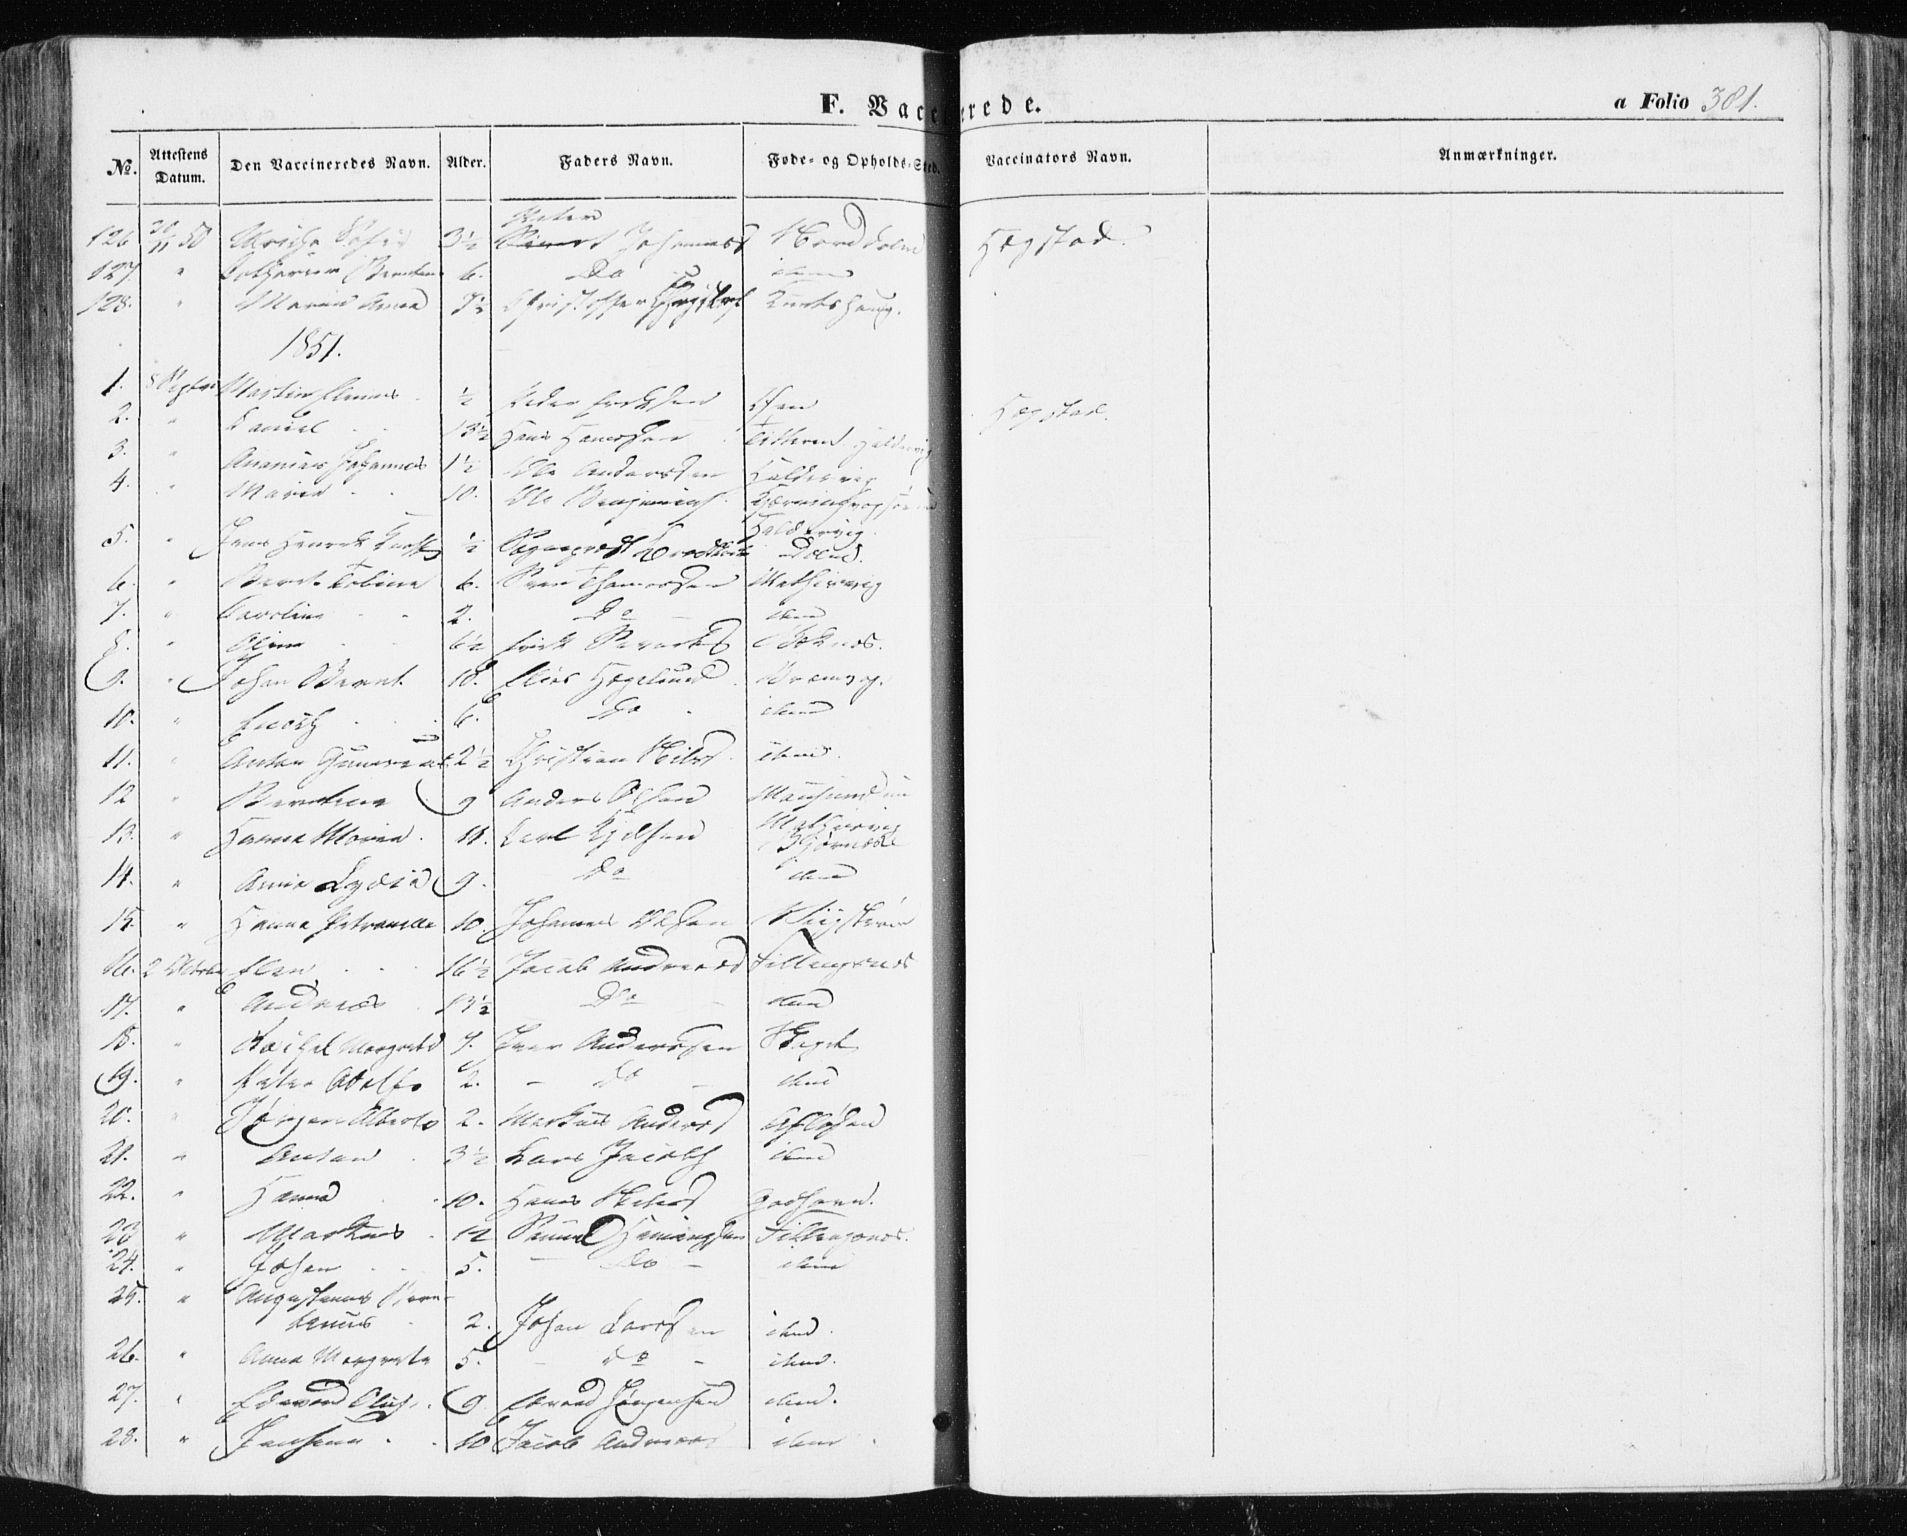 SAT, Ministerialprotokoller, klokkerbøker og fødselsregistre - Sør-Trøndelag, 634/L0529: Ministerialbok nr. 634A05, 1843-1851, s. 381